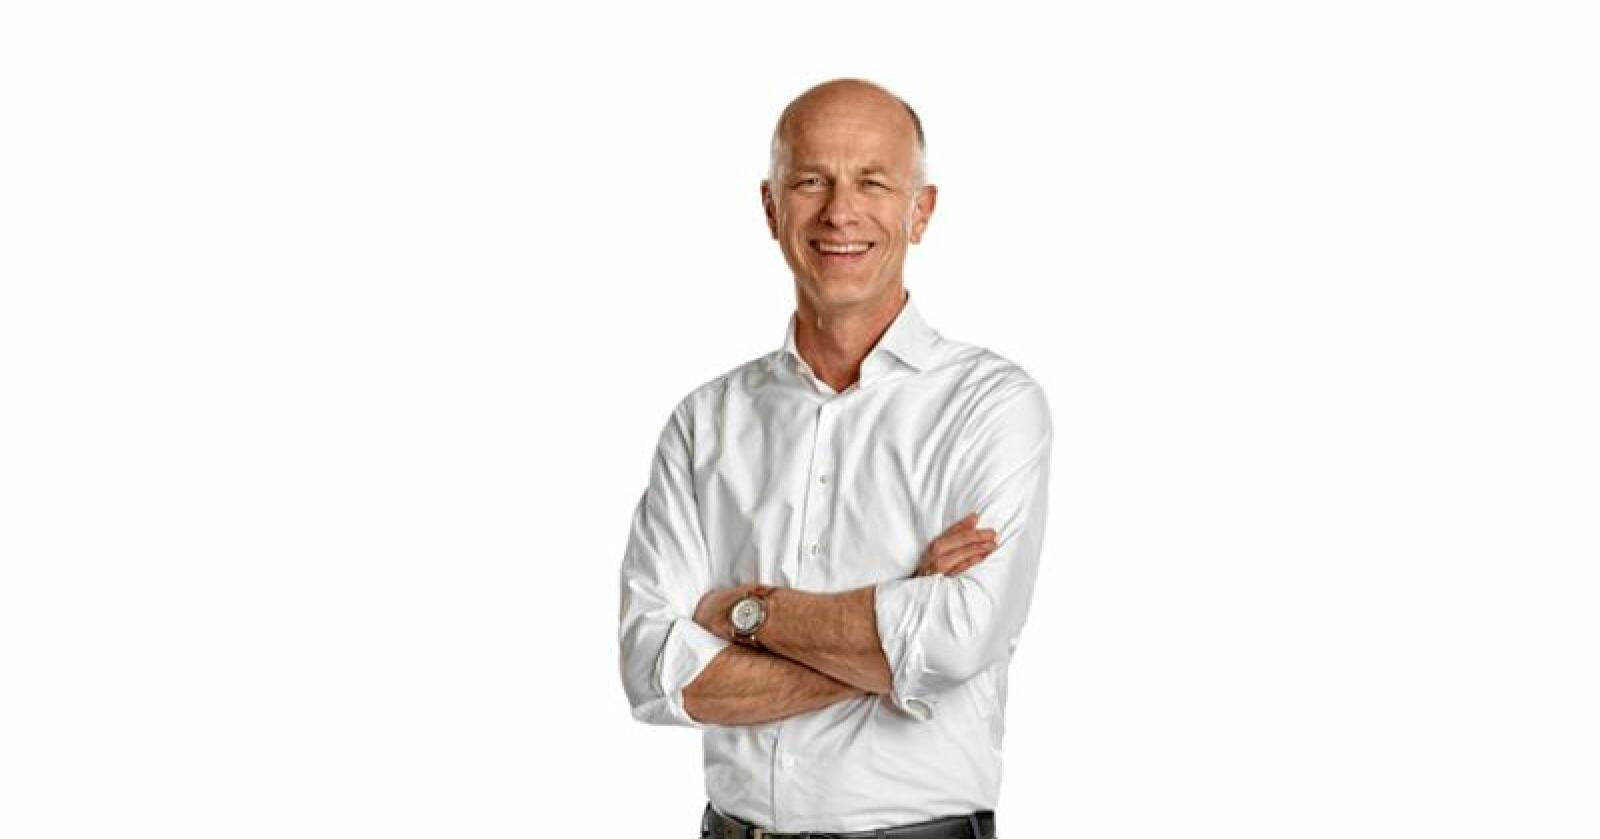 Martin Bijl slutter som direktør i Topigs Norsvin for å gå til ny jobb i et frøselskap. Foto: Topigs Norsvin/Frank Holm